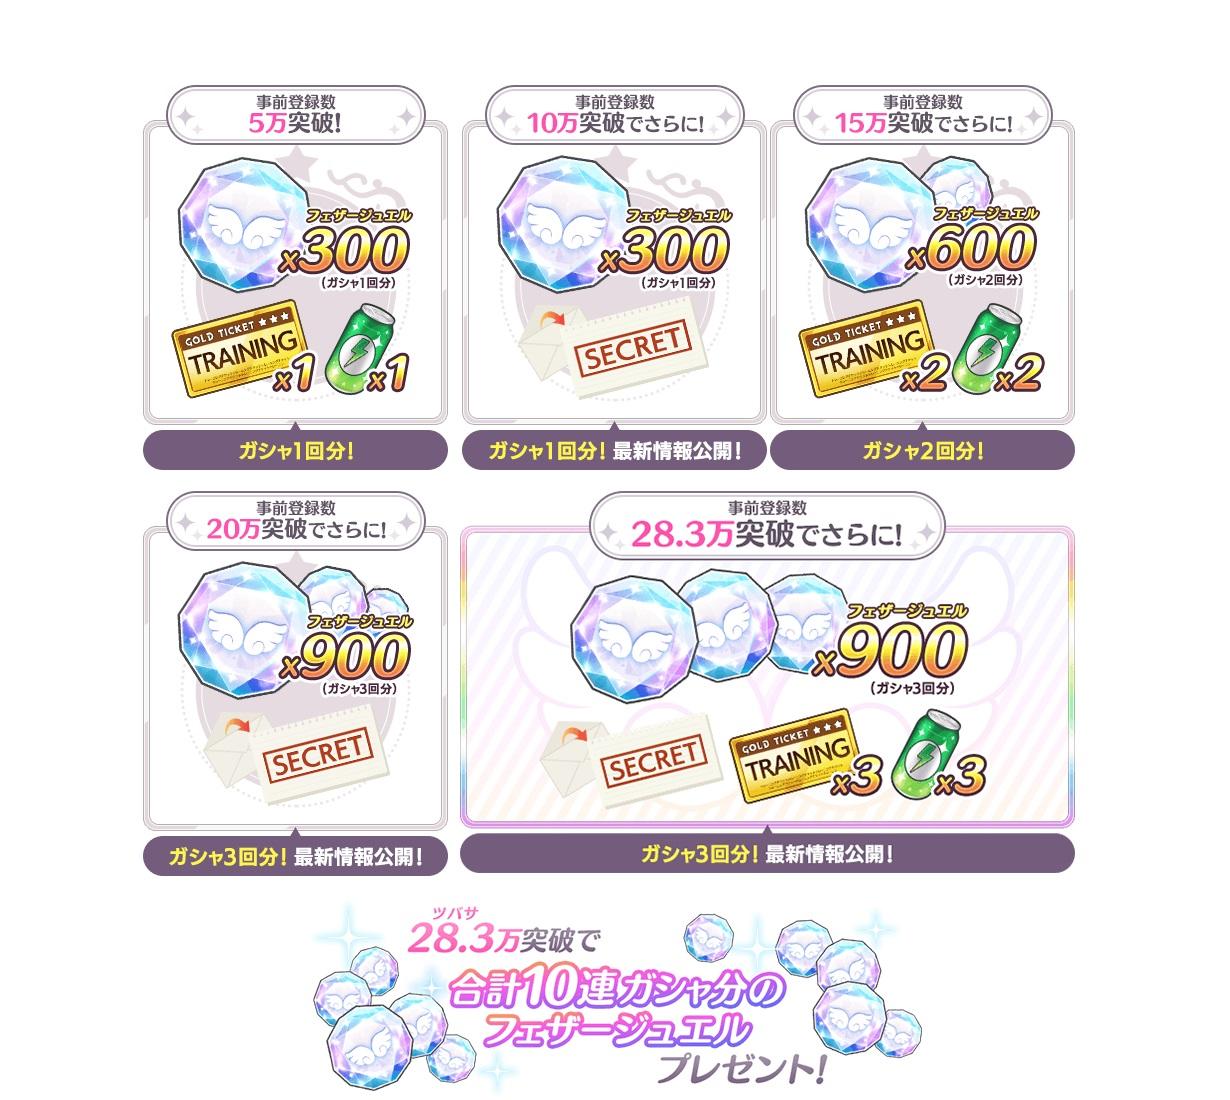 『アイドルマスター シャイニーカラーズ』が事前登録数20万突破!新ユニット情報を公開!!